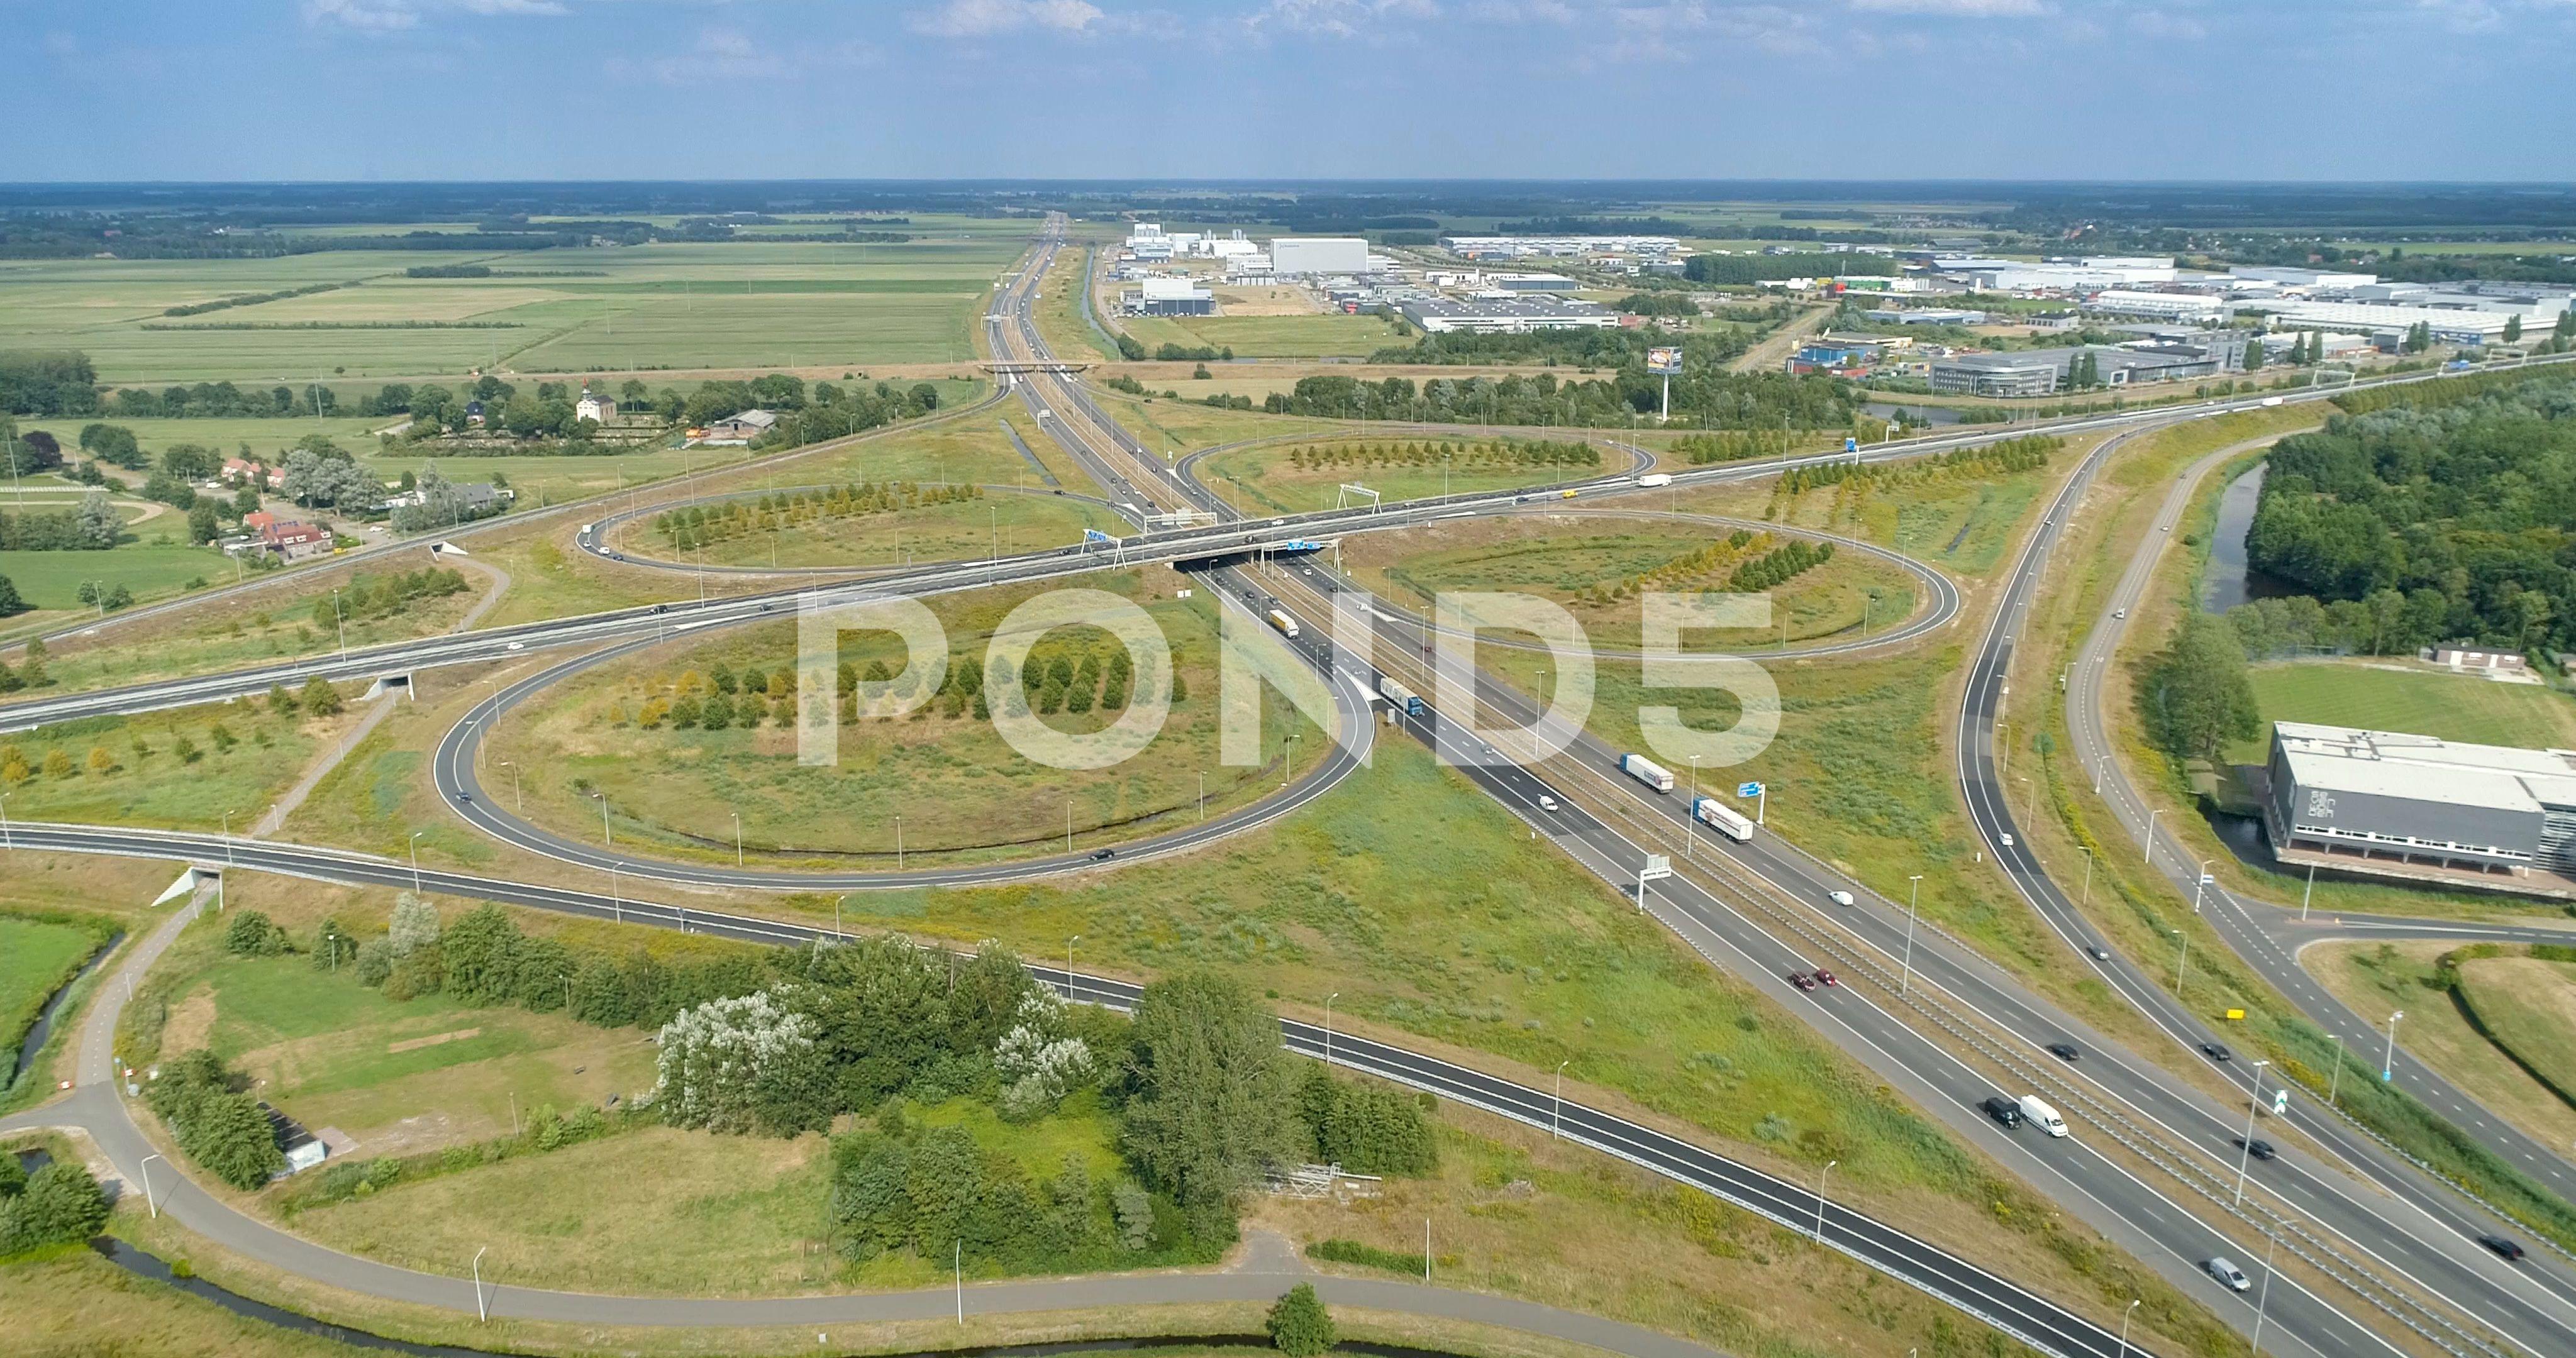 Heerenveen highway intersection a32 a7 holland c 4k